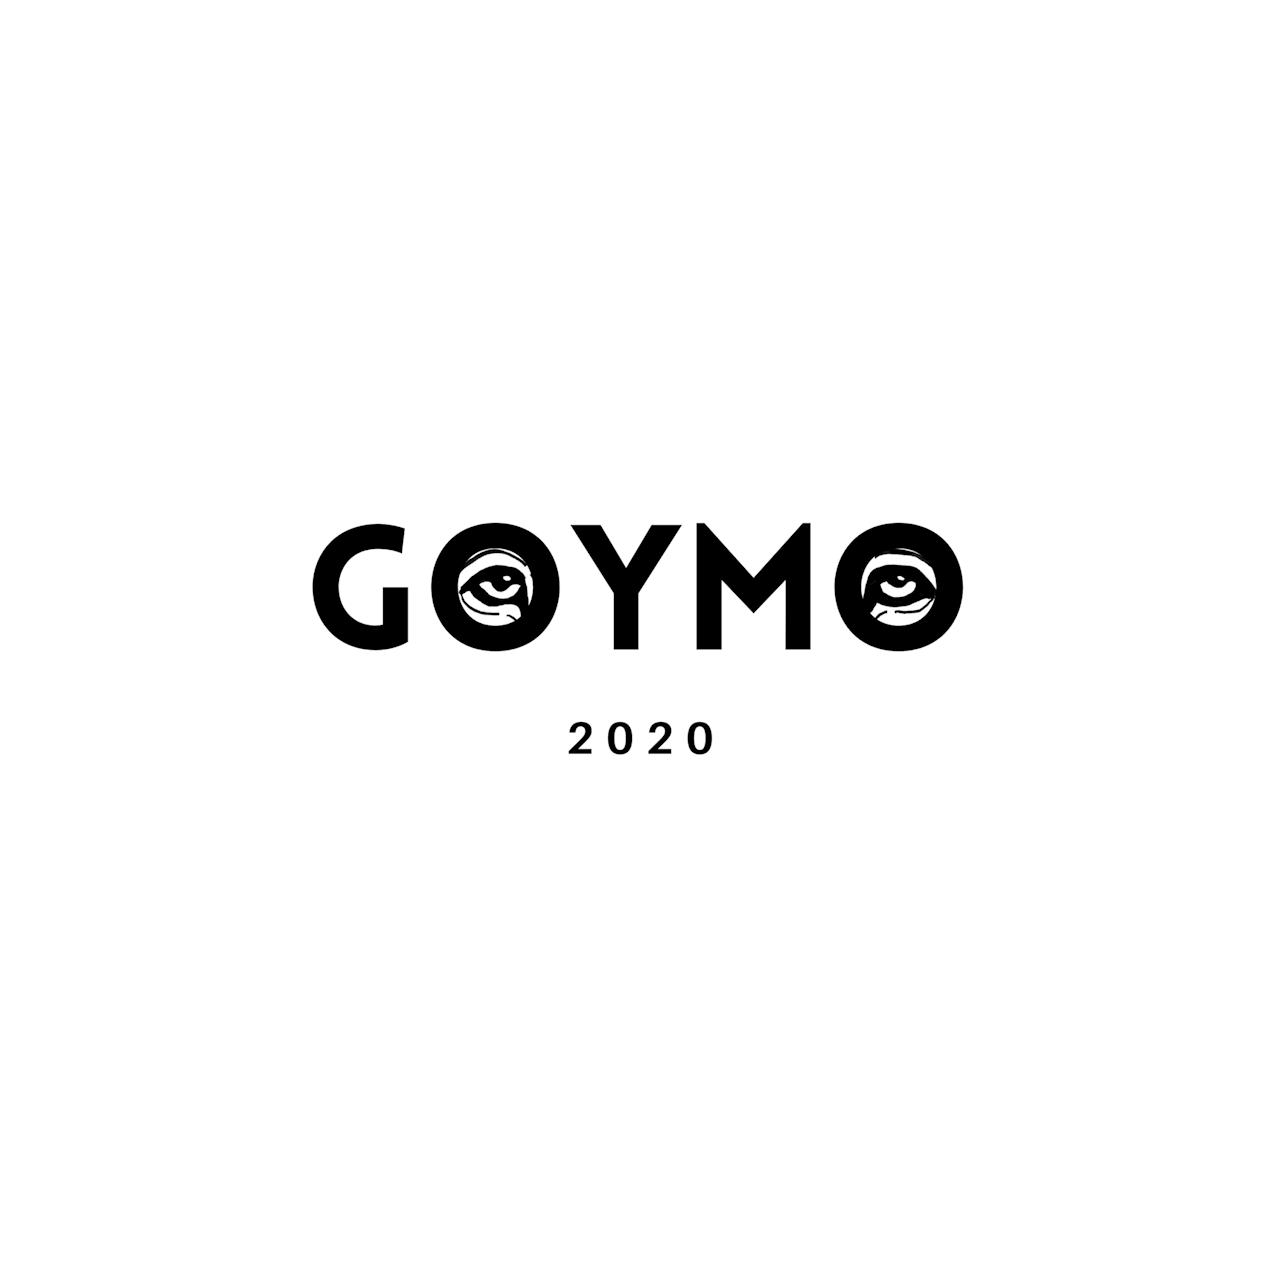 Goymo - 2020